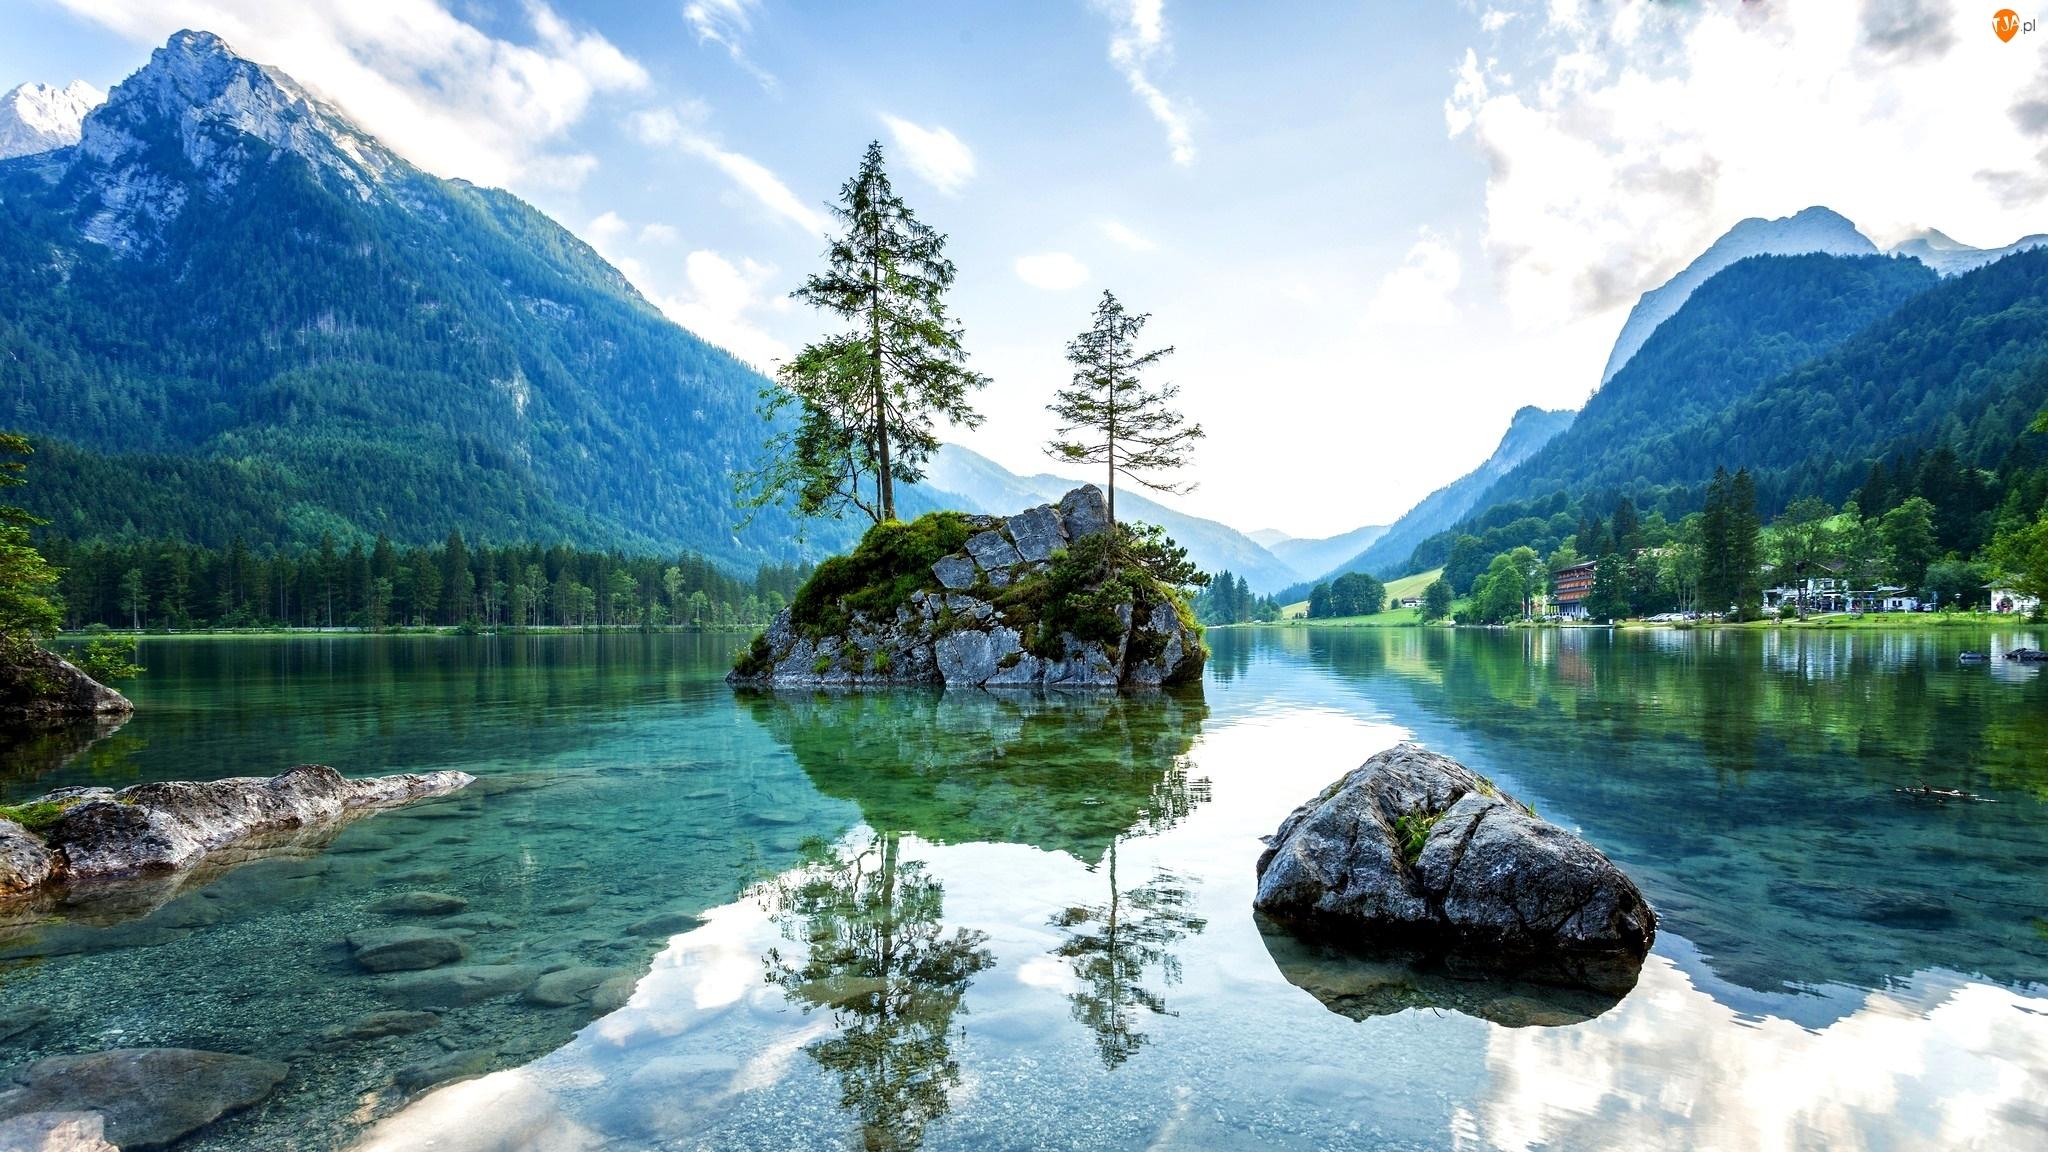 Niemcy, Alpy, Jezioro Hintersee, Wyspa, Bawaria, Góry